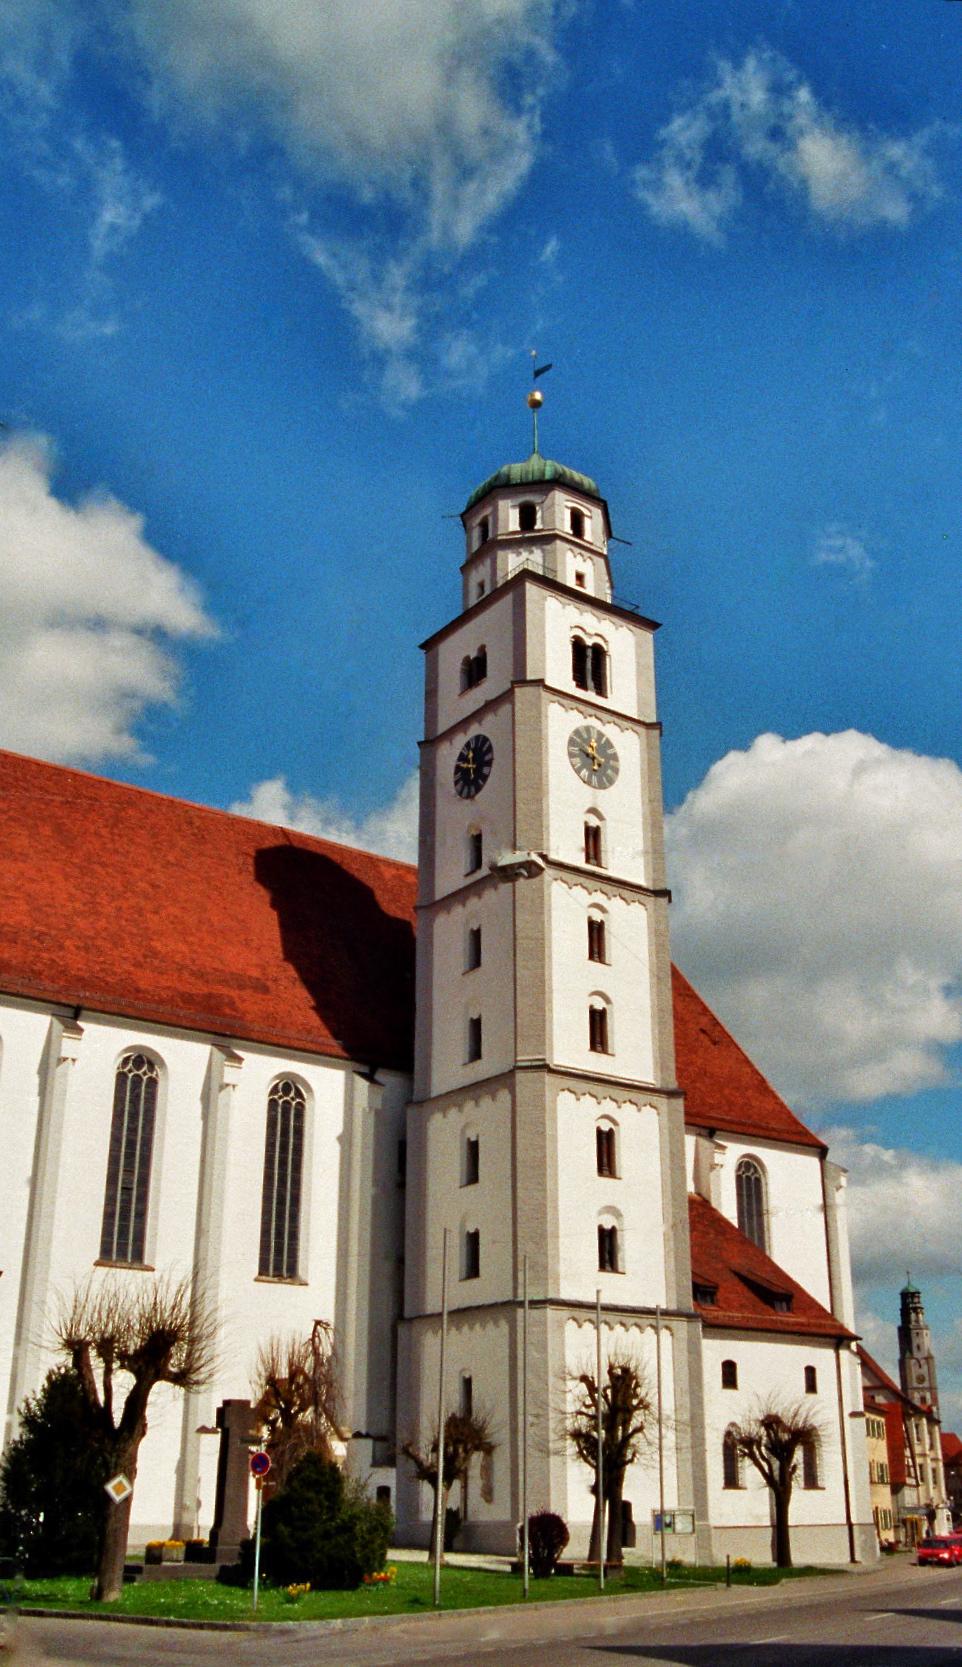 Der Glockenturm des Martinsmünsters